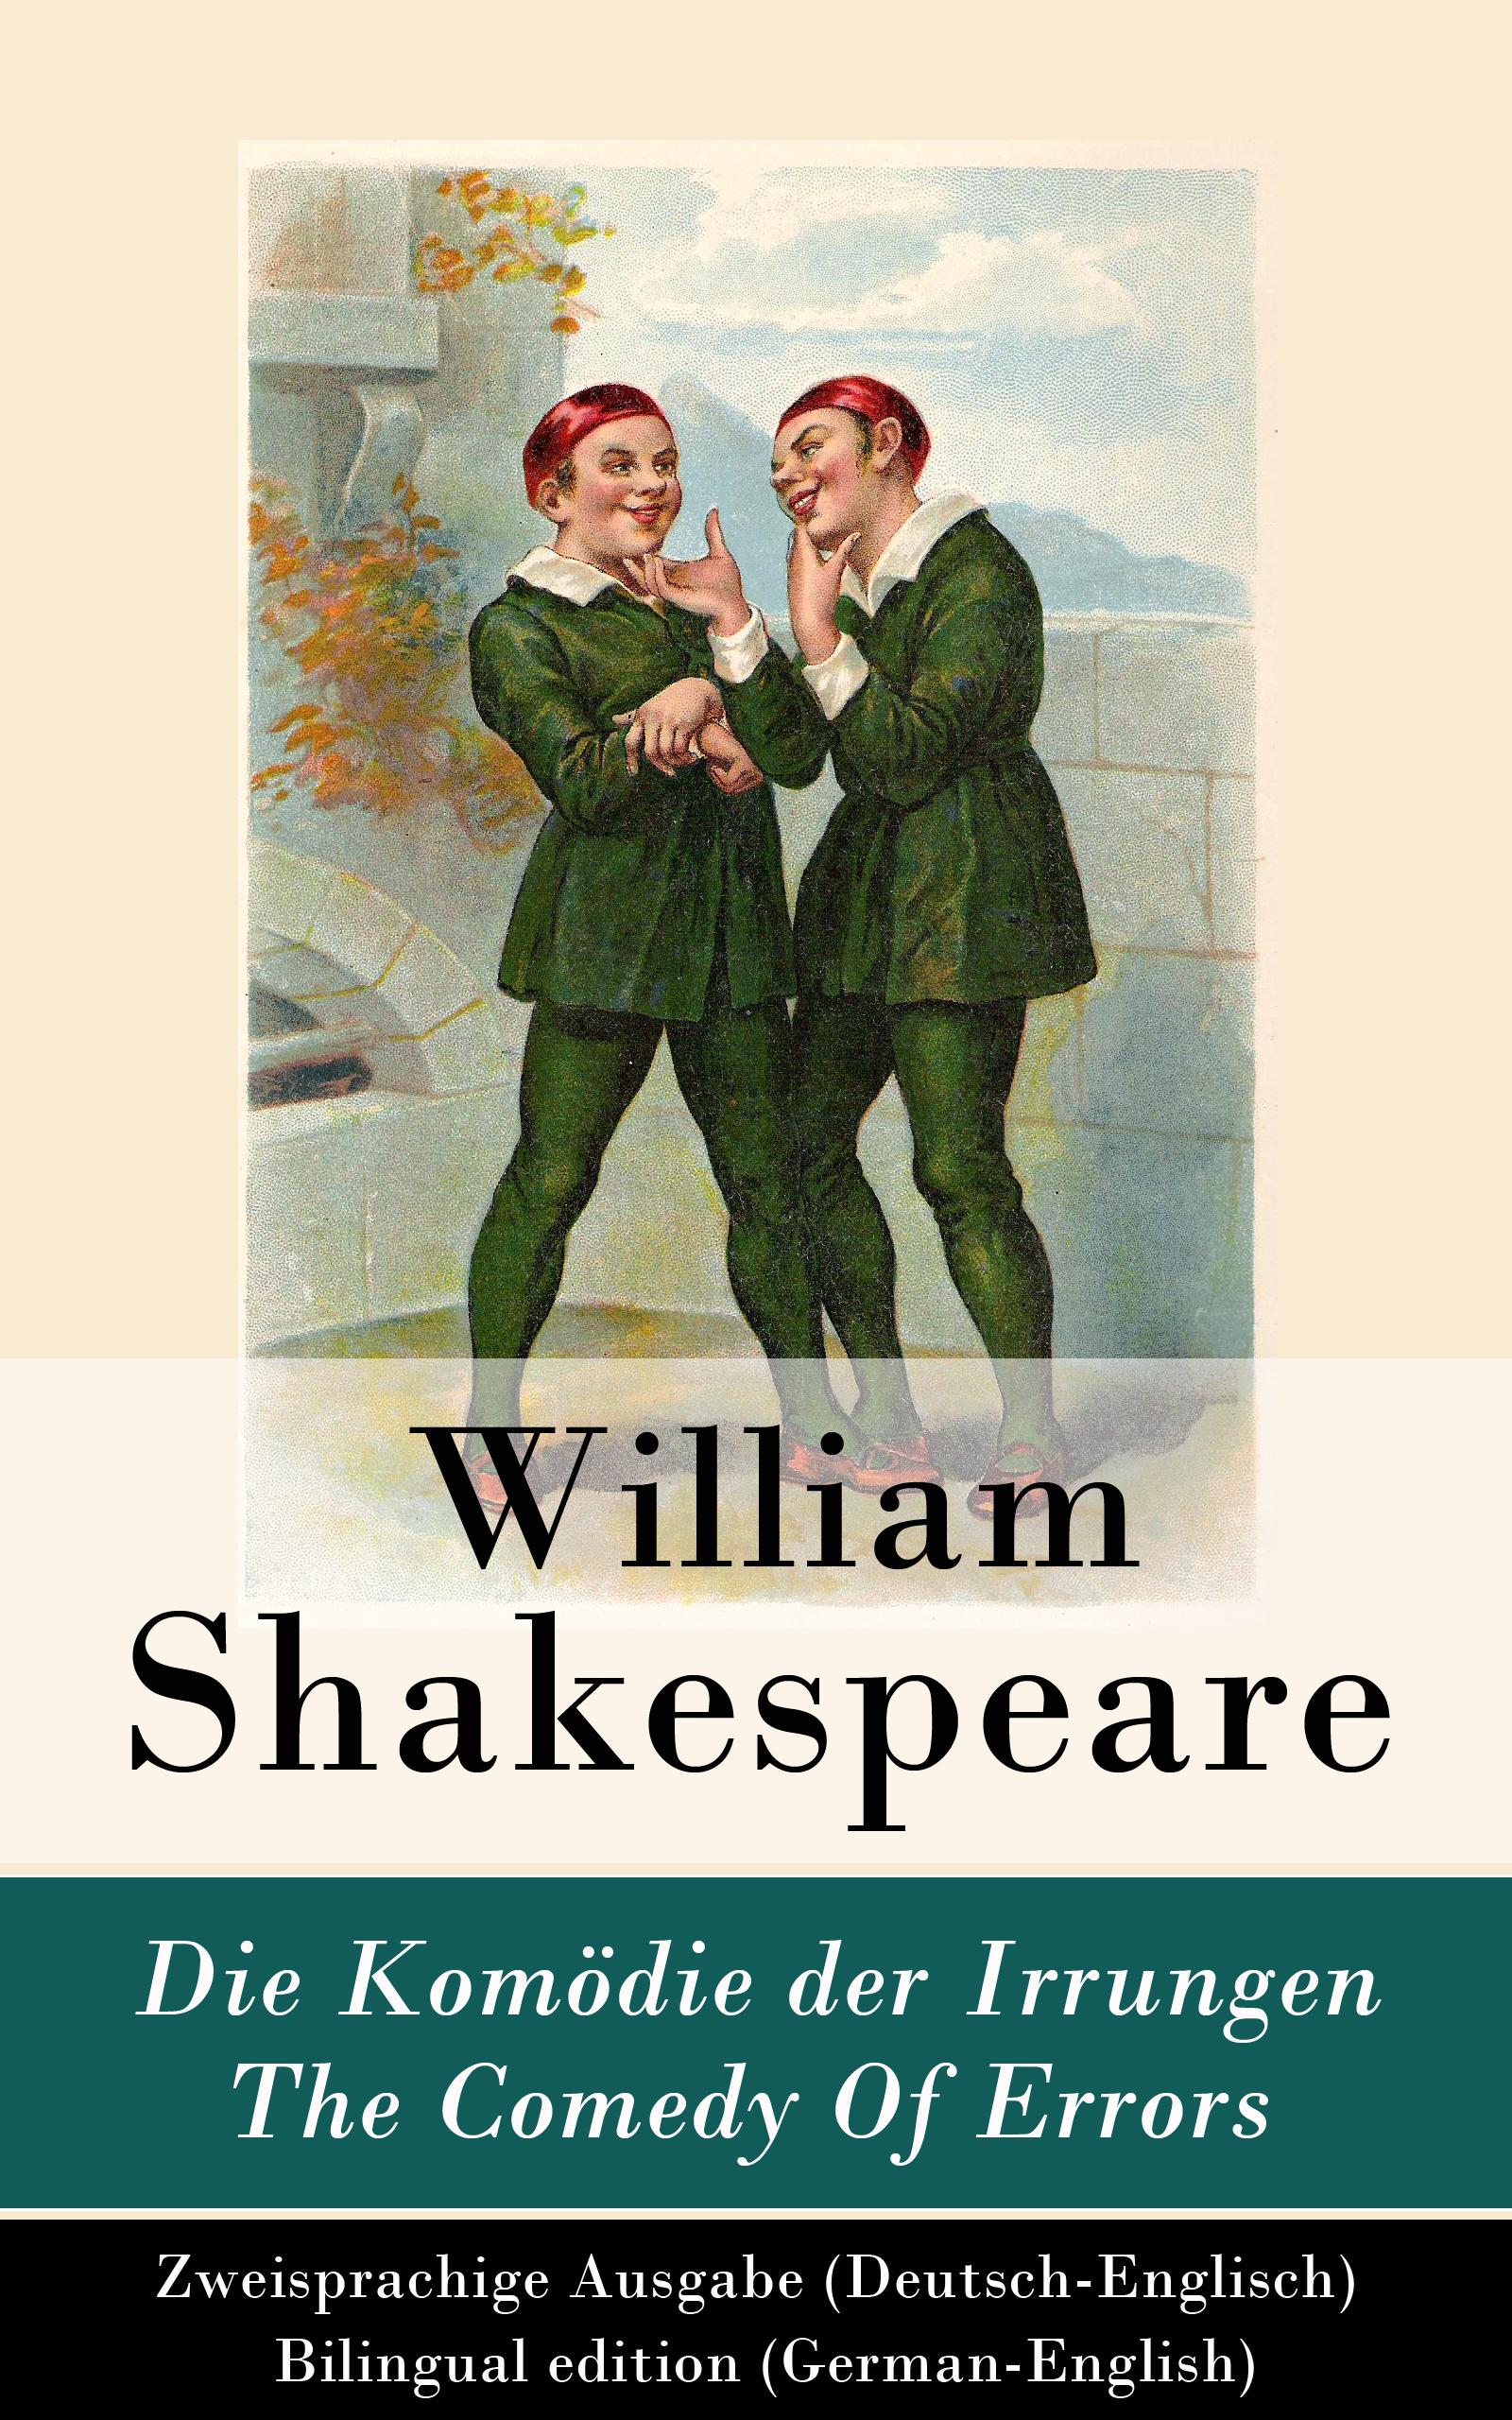 цена Уильям Шекспир Die Komödie der Irrungen / The Comedy Of Errors - Zweisprachige Ausgabe (Deutsch-Englisch) / Bilingual edition (German-English) онлайн в 2017 году